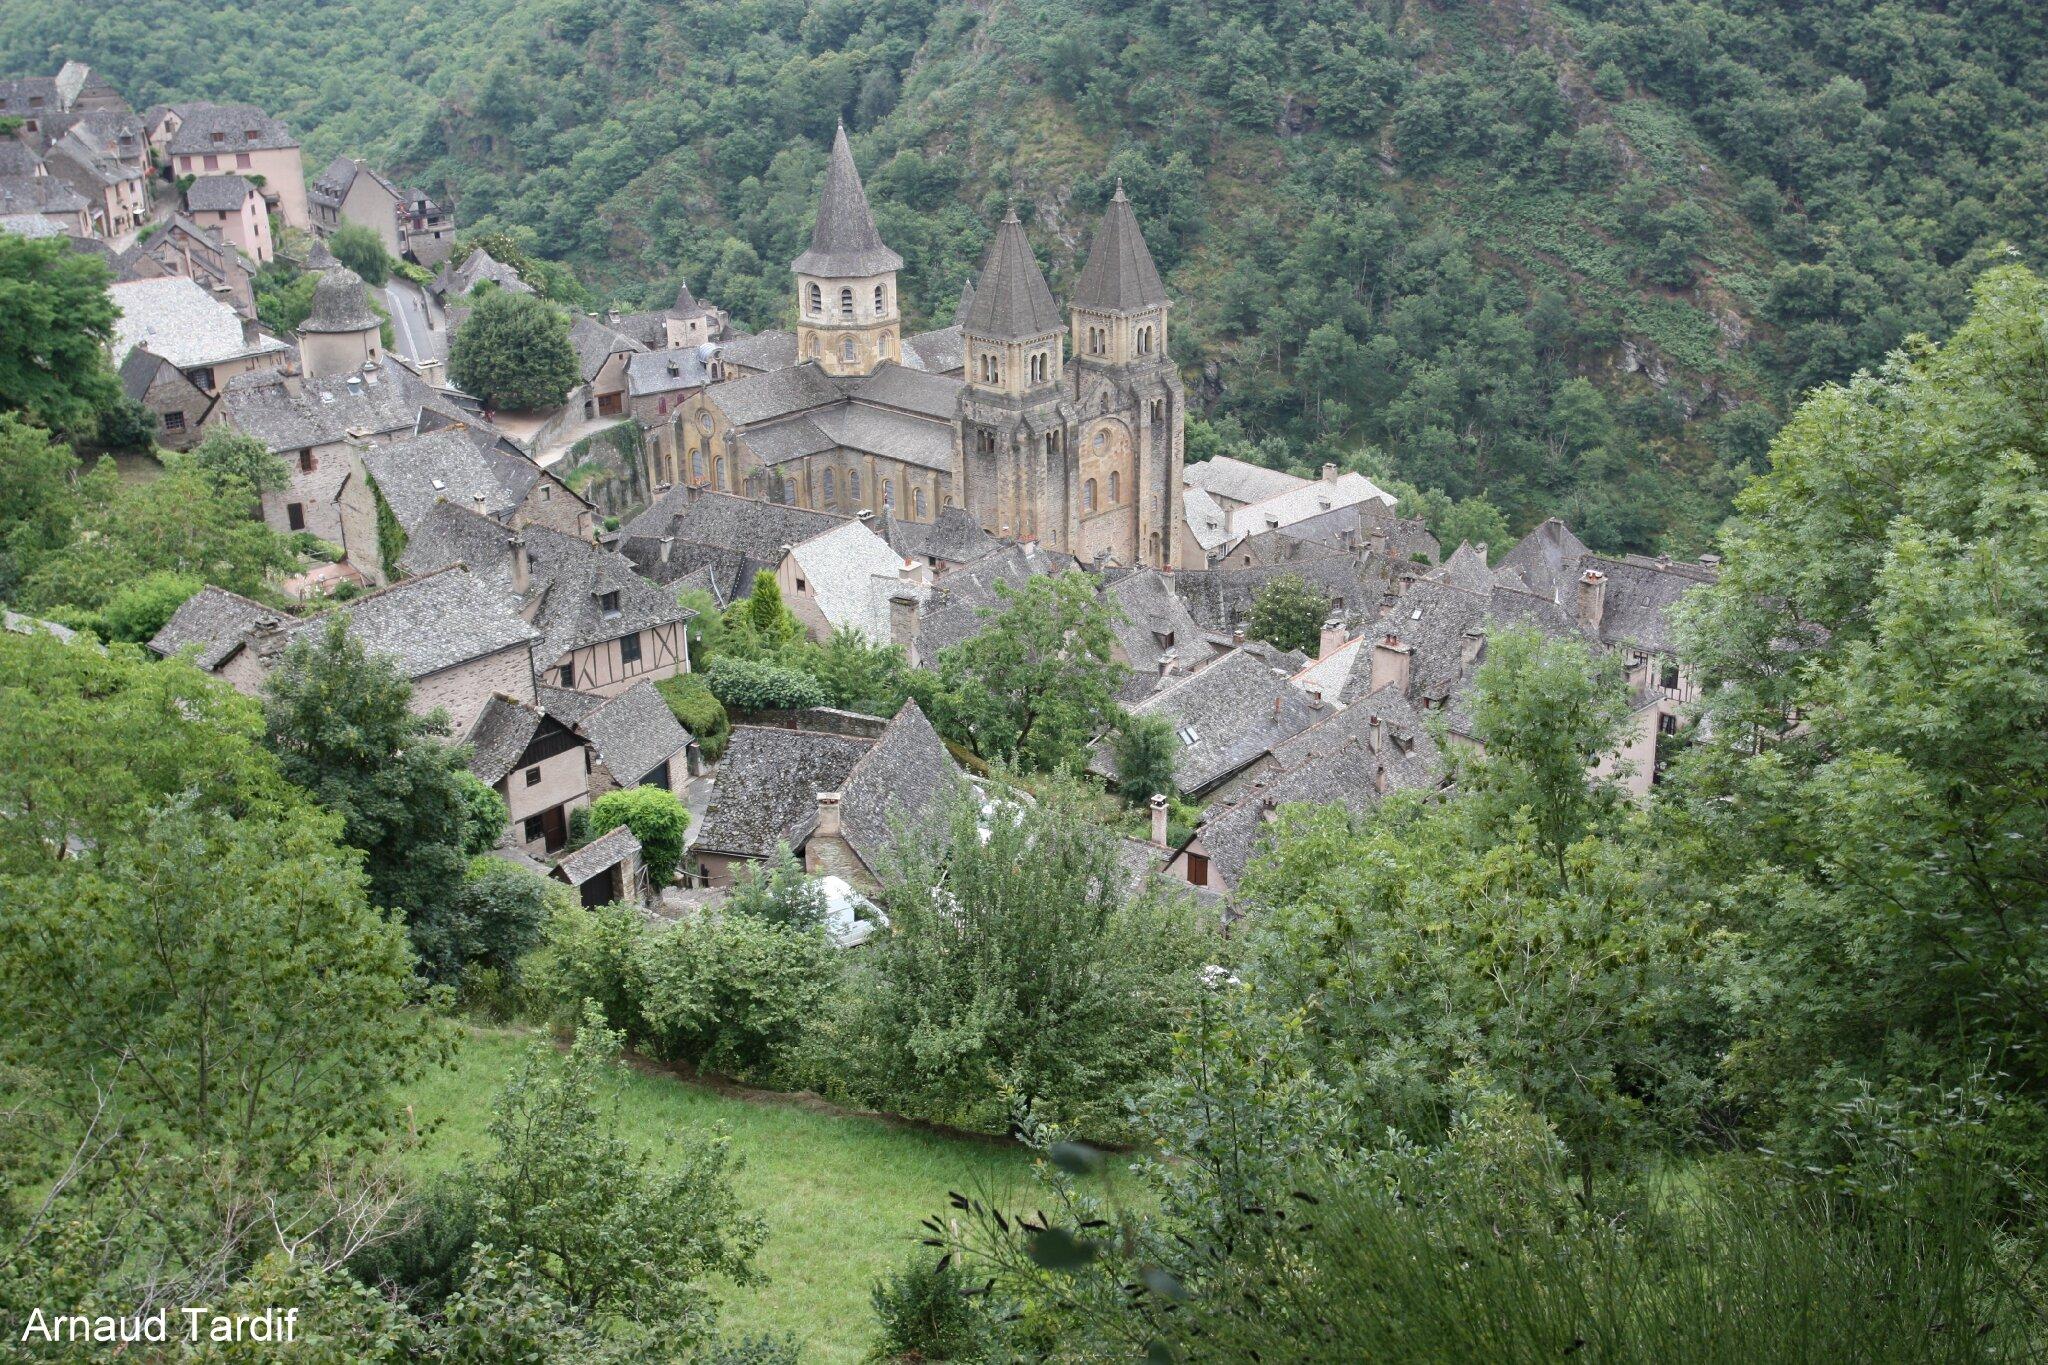 plus village de france